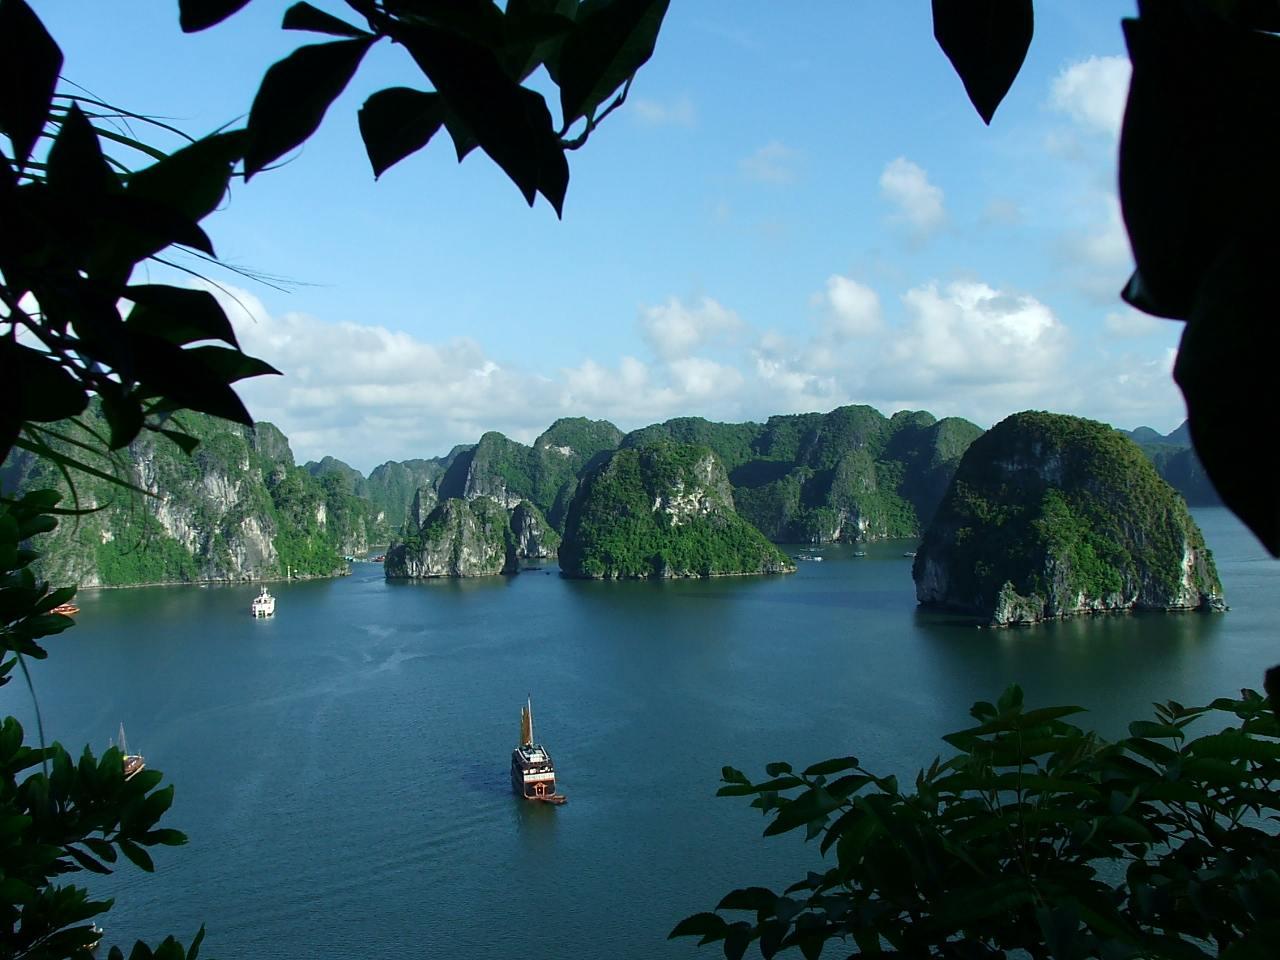 La baie d'Halong au Vietnam